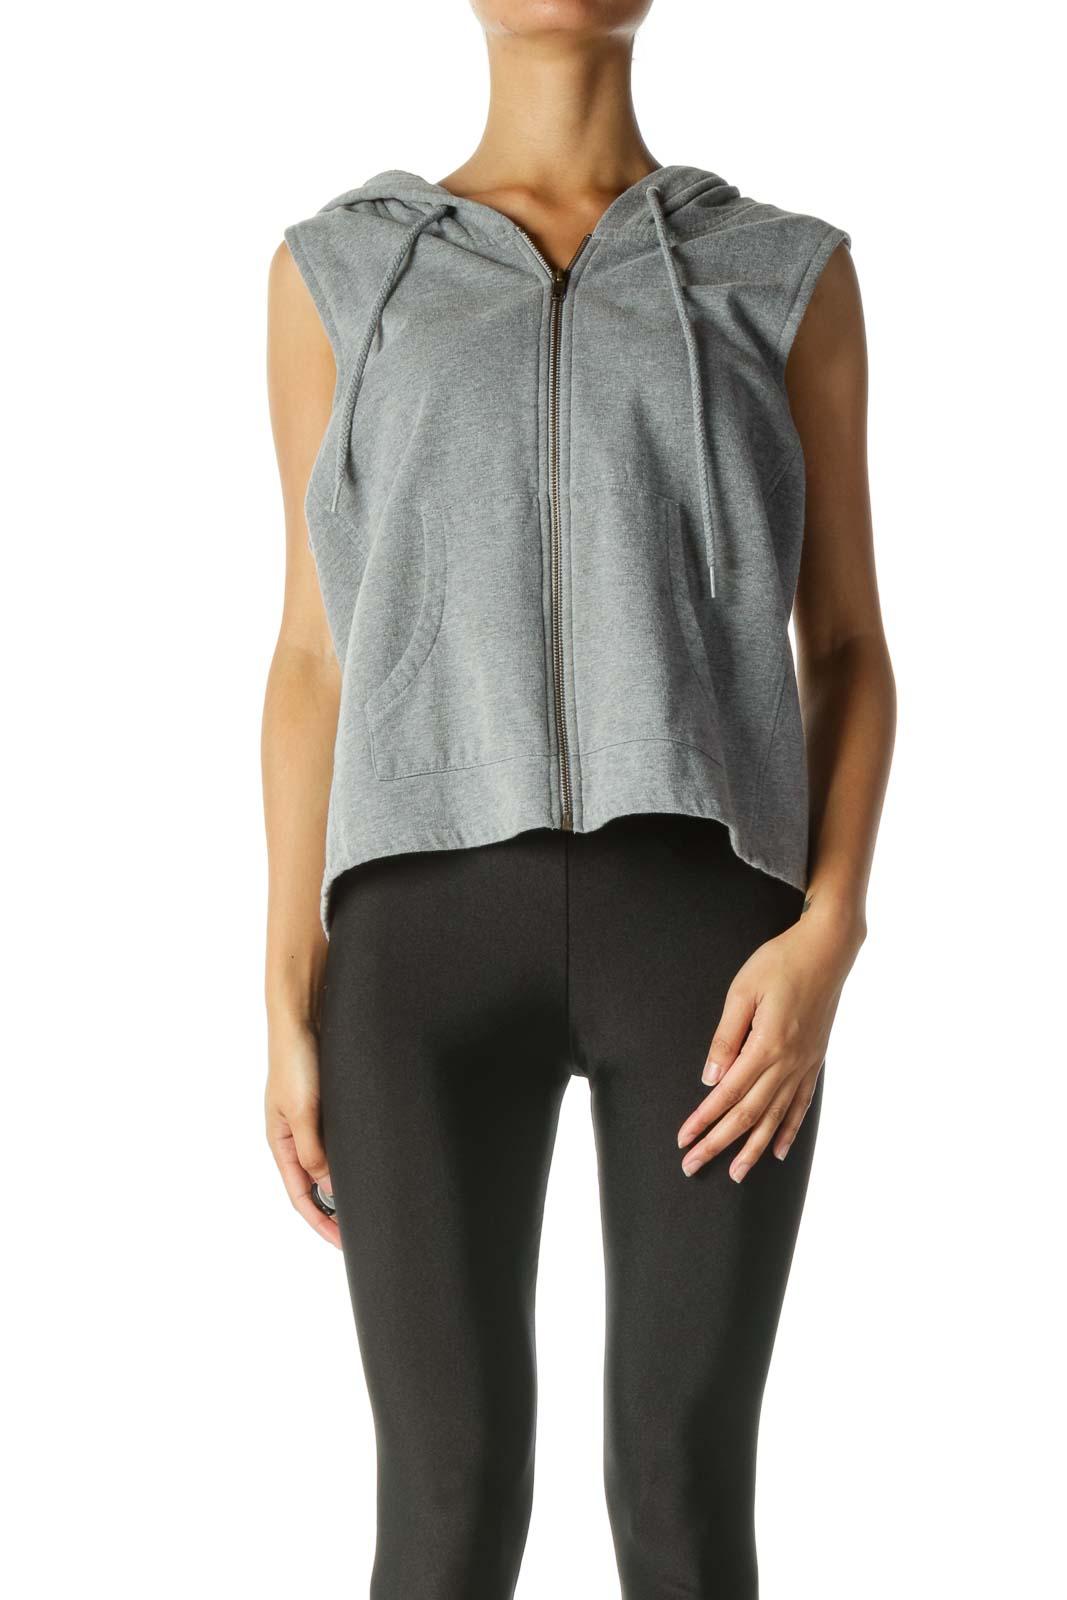 Gray Sleeveless Jacket Front